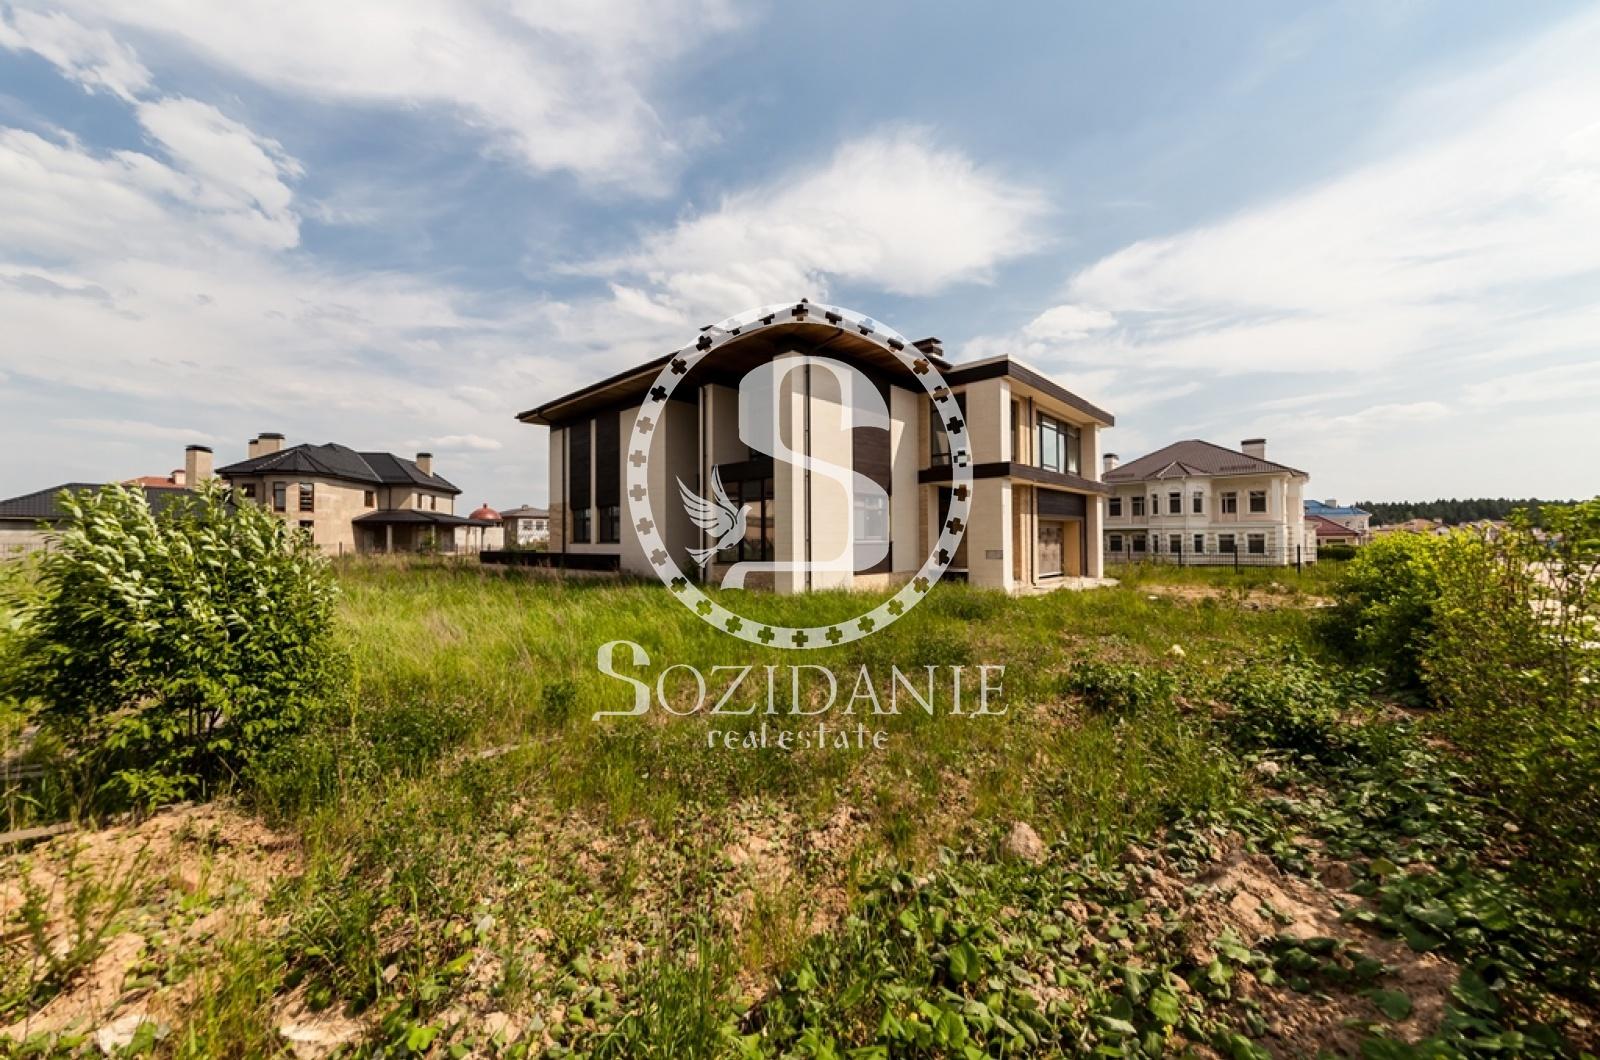 4 Bedrooms, Загородная, Продажа, Listing ID 1269, Московская область, Россия,